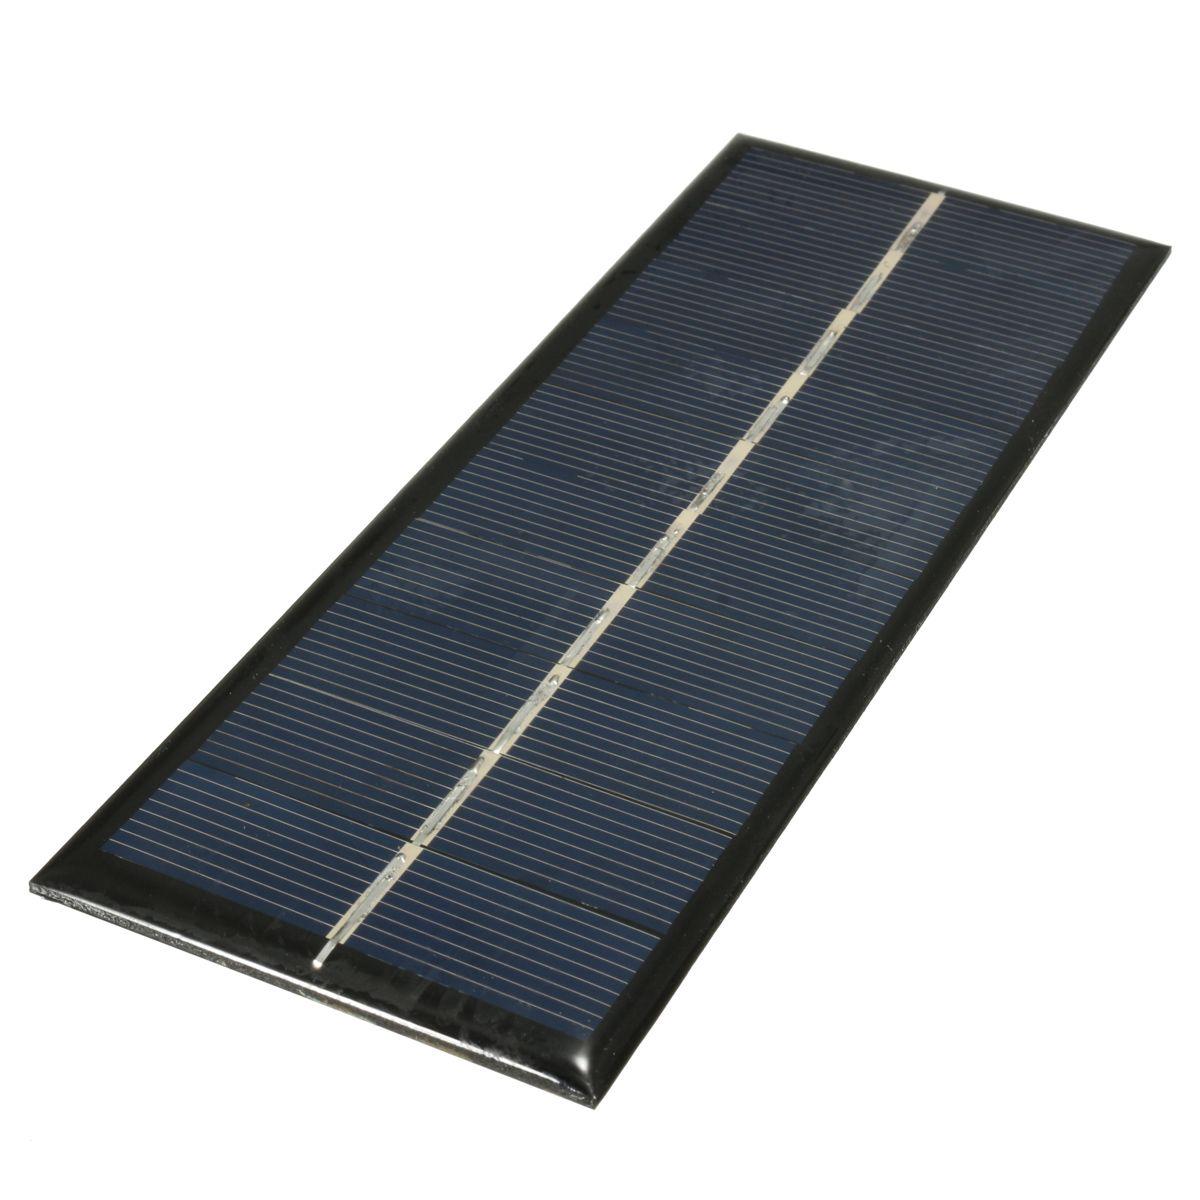 Scm Solar 1 3w 5v 163 60 3mm mini solar panel diy module for light cell phone